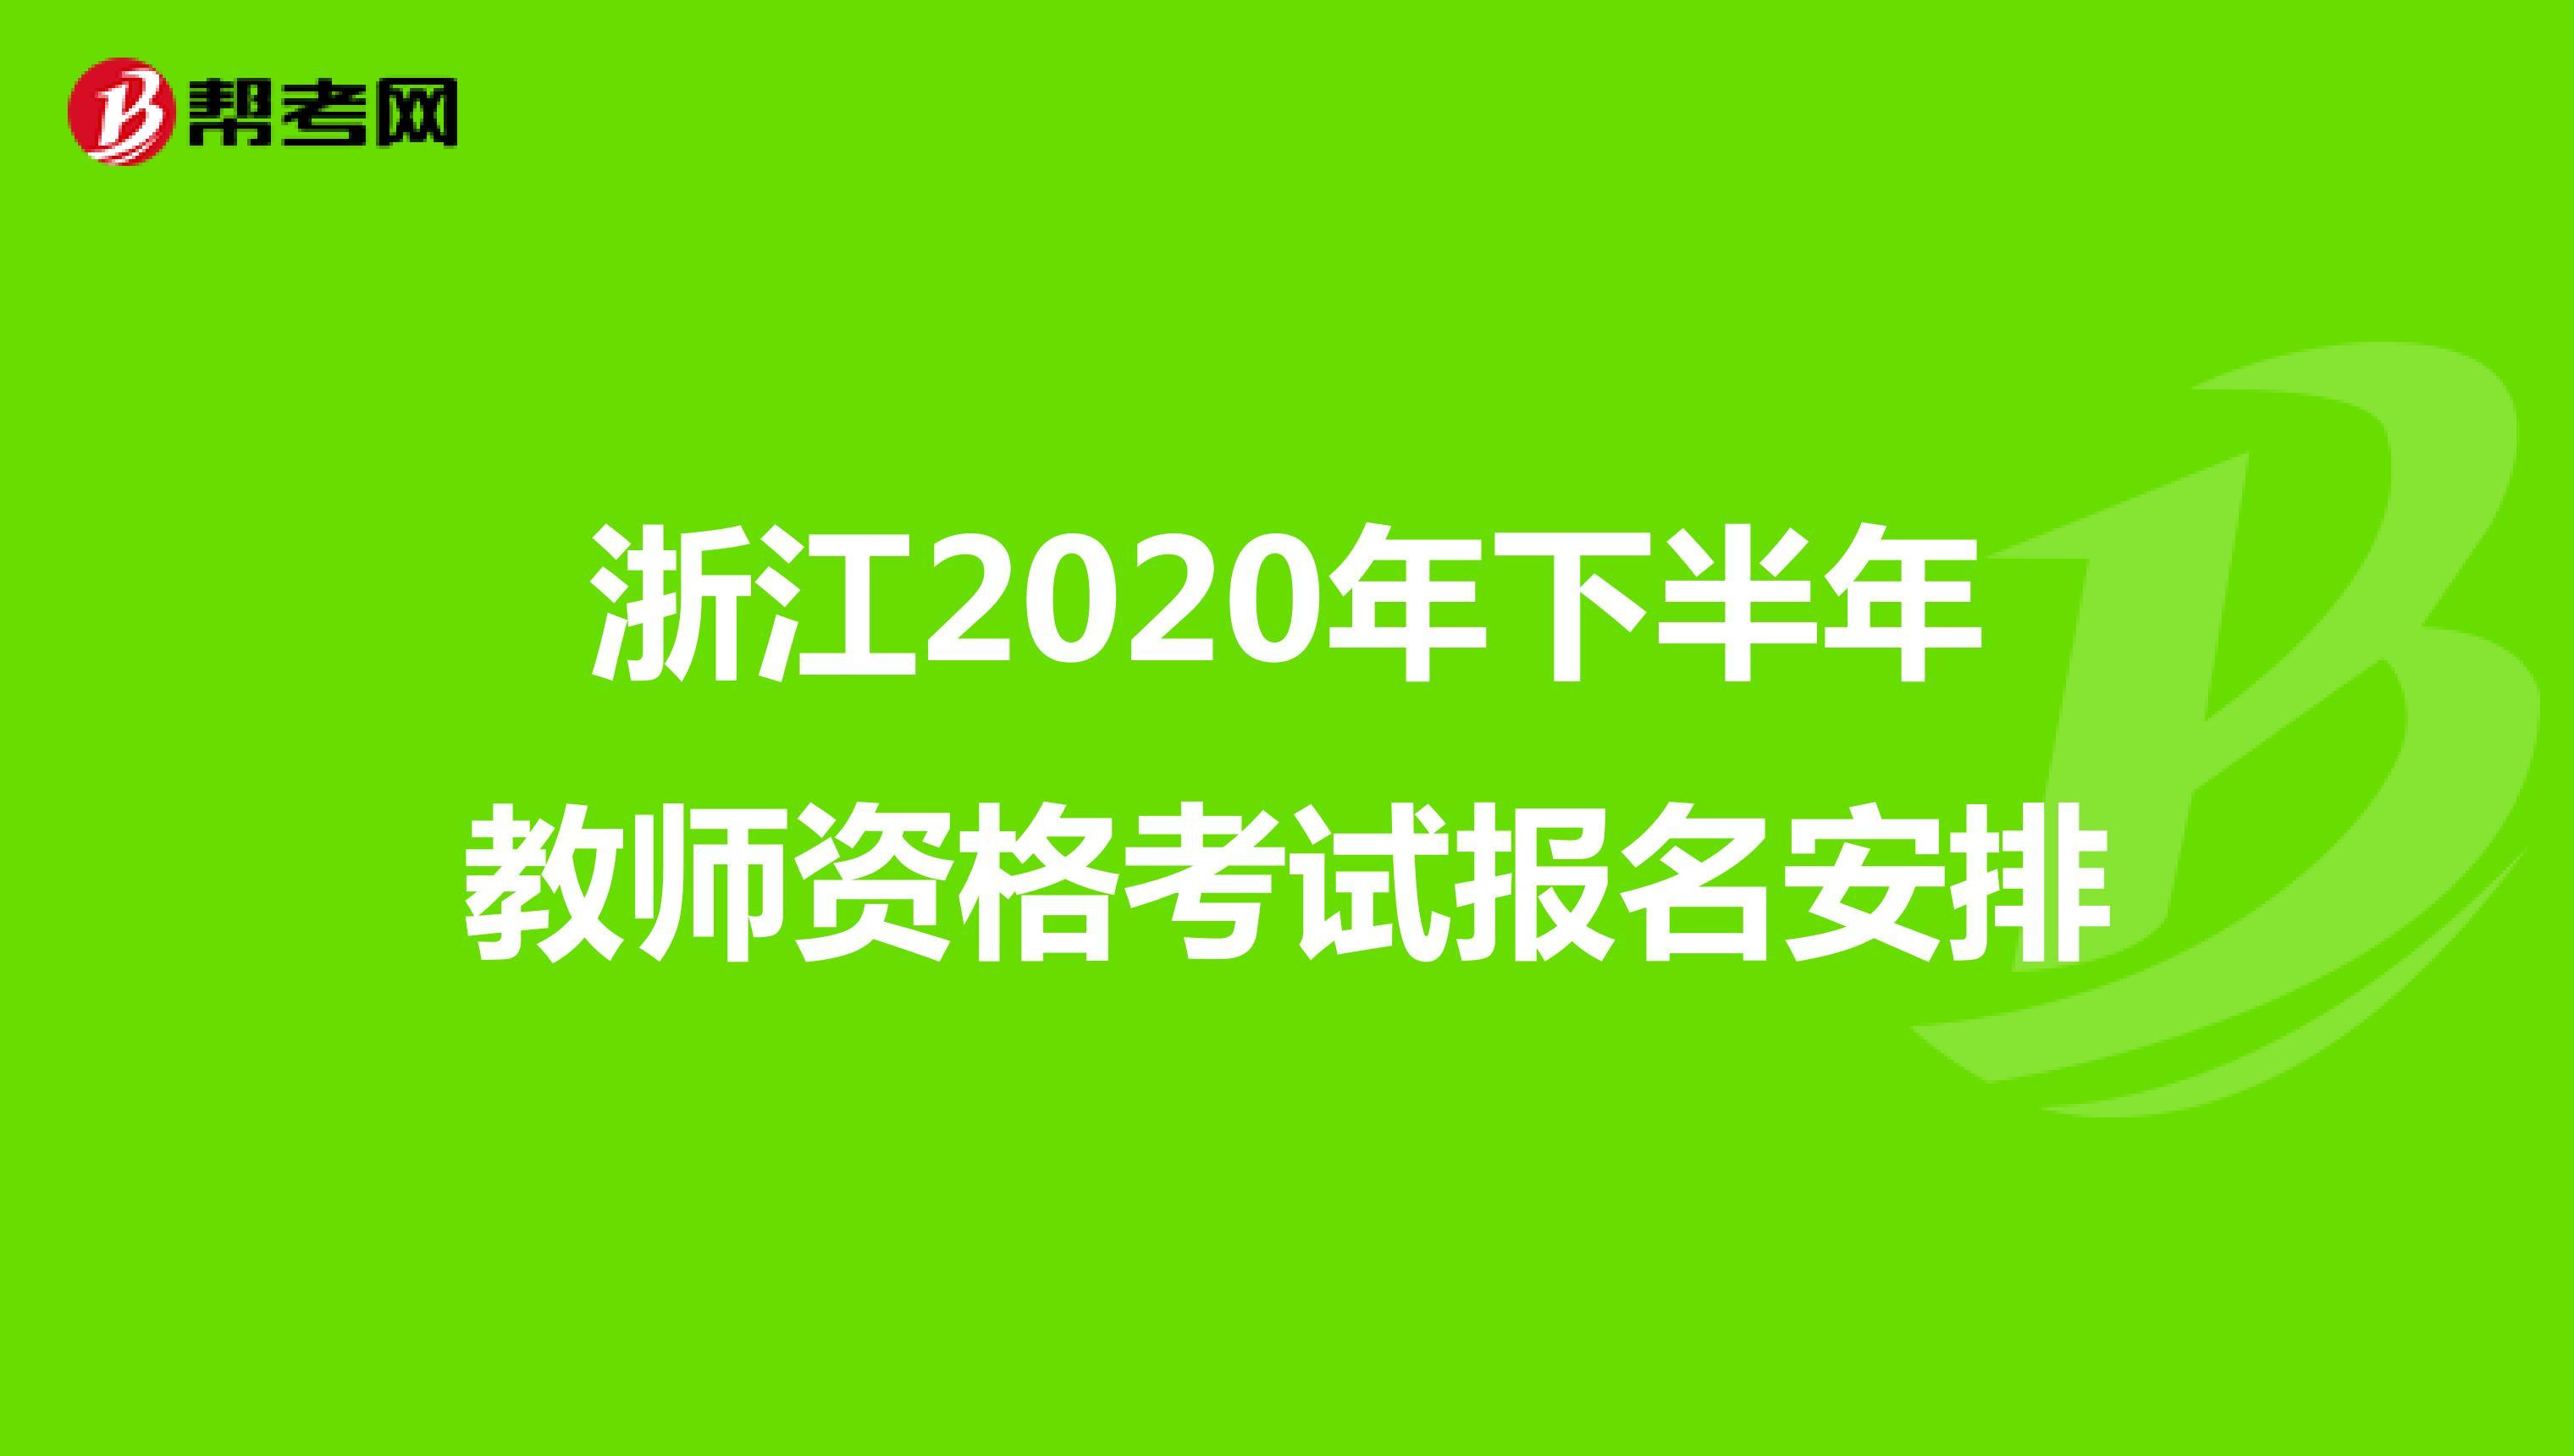 浙江2020年下半年教师资格考试报名安排